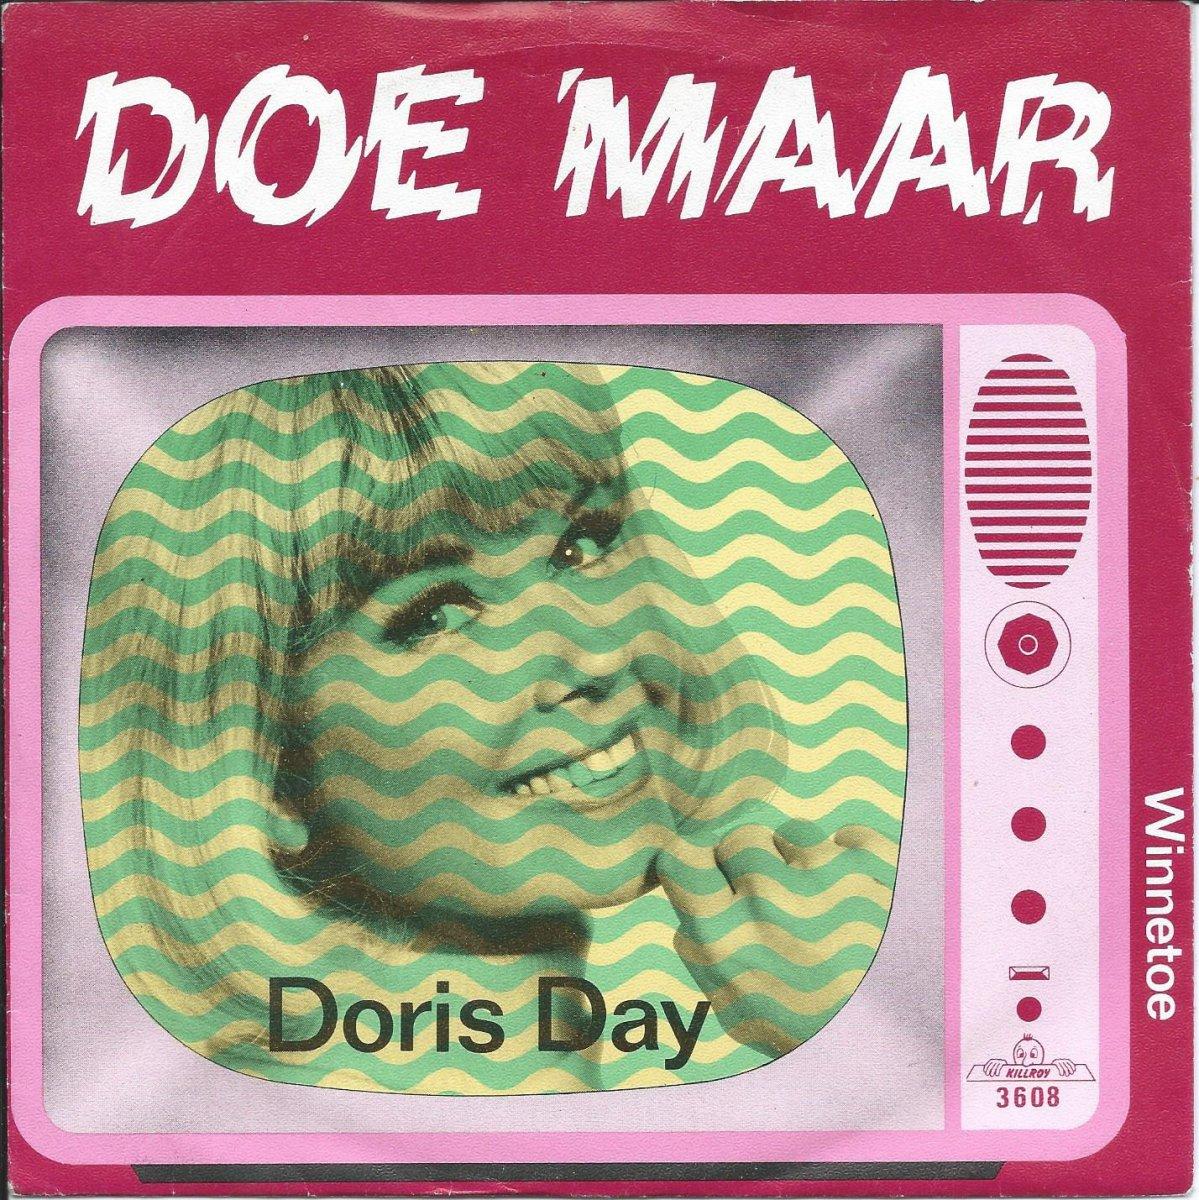 DOE MAAR / DORIS DAY / WINNETOE (7